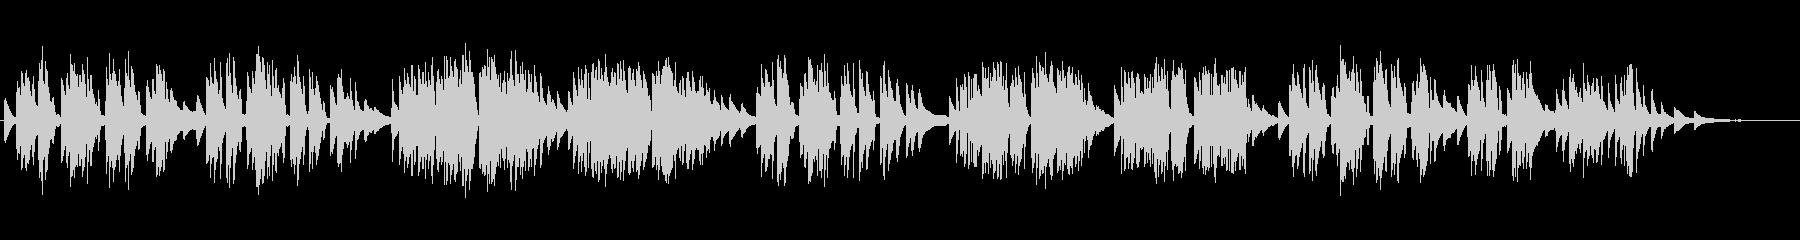 ショパン:ワルツ第19番 イ短調の未再生の波形